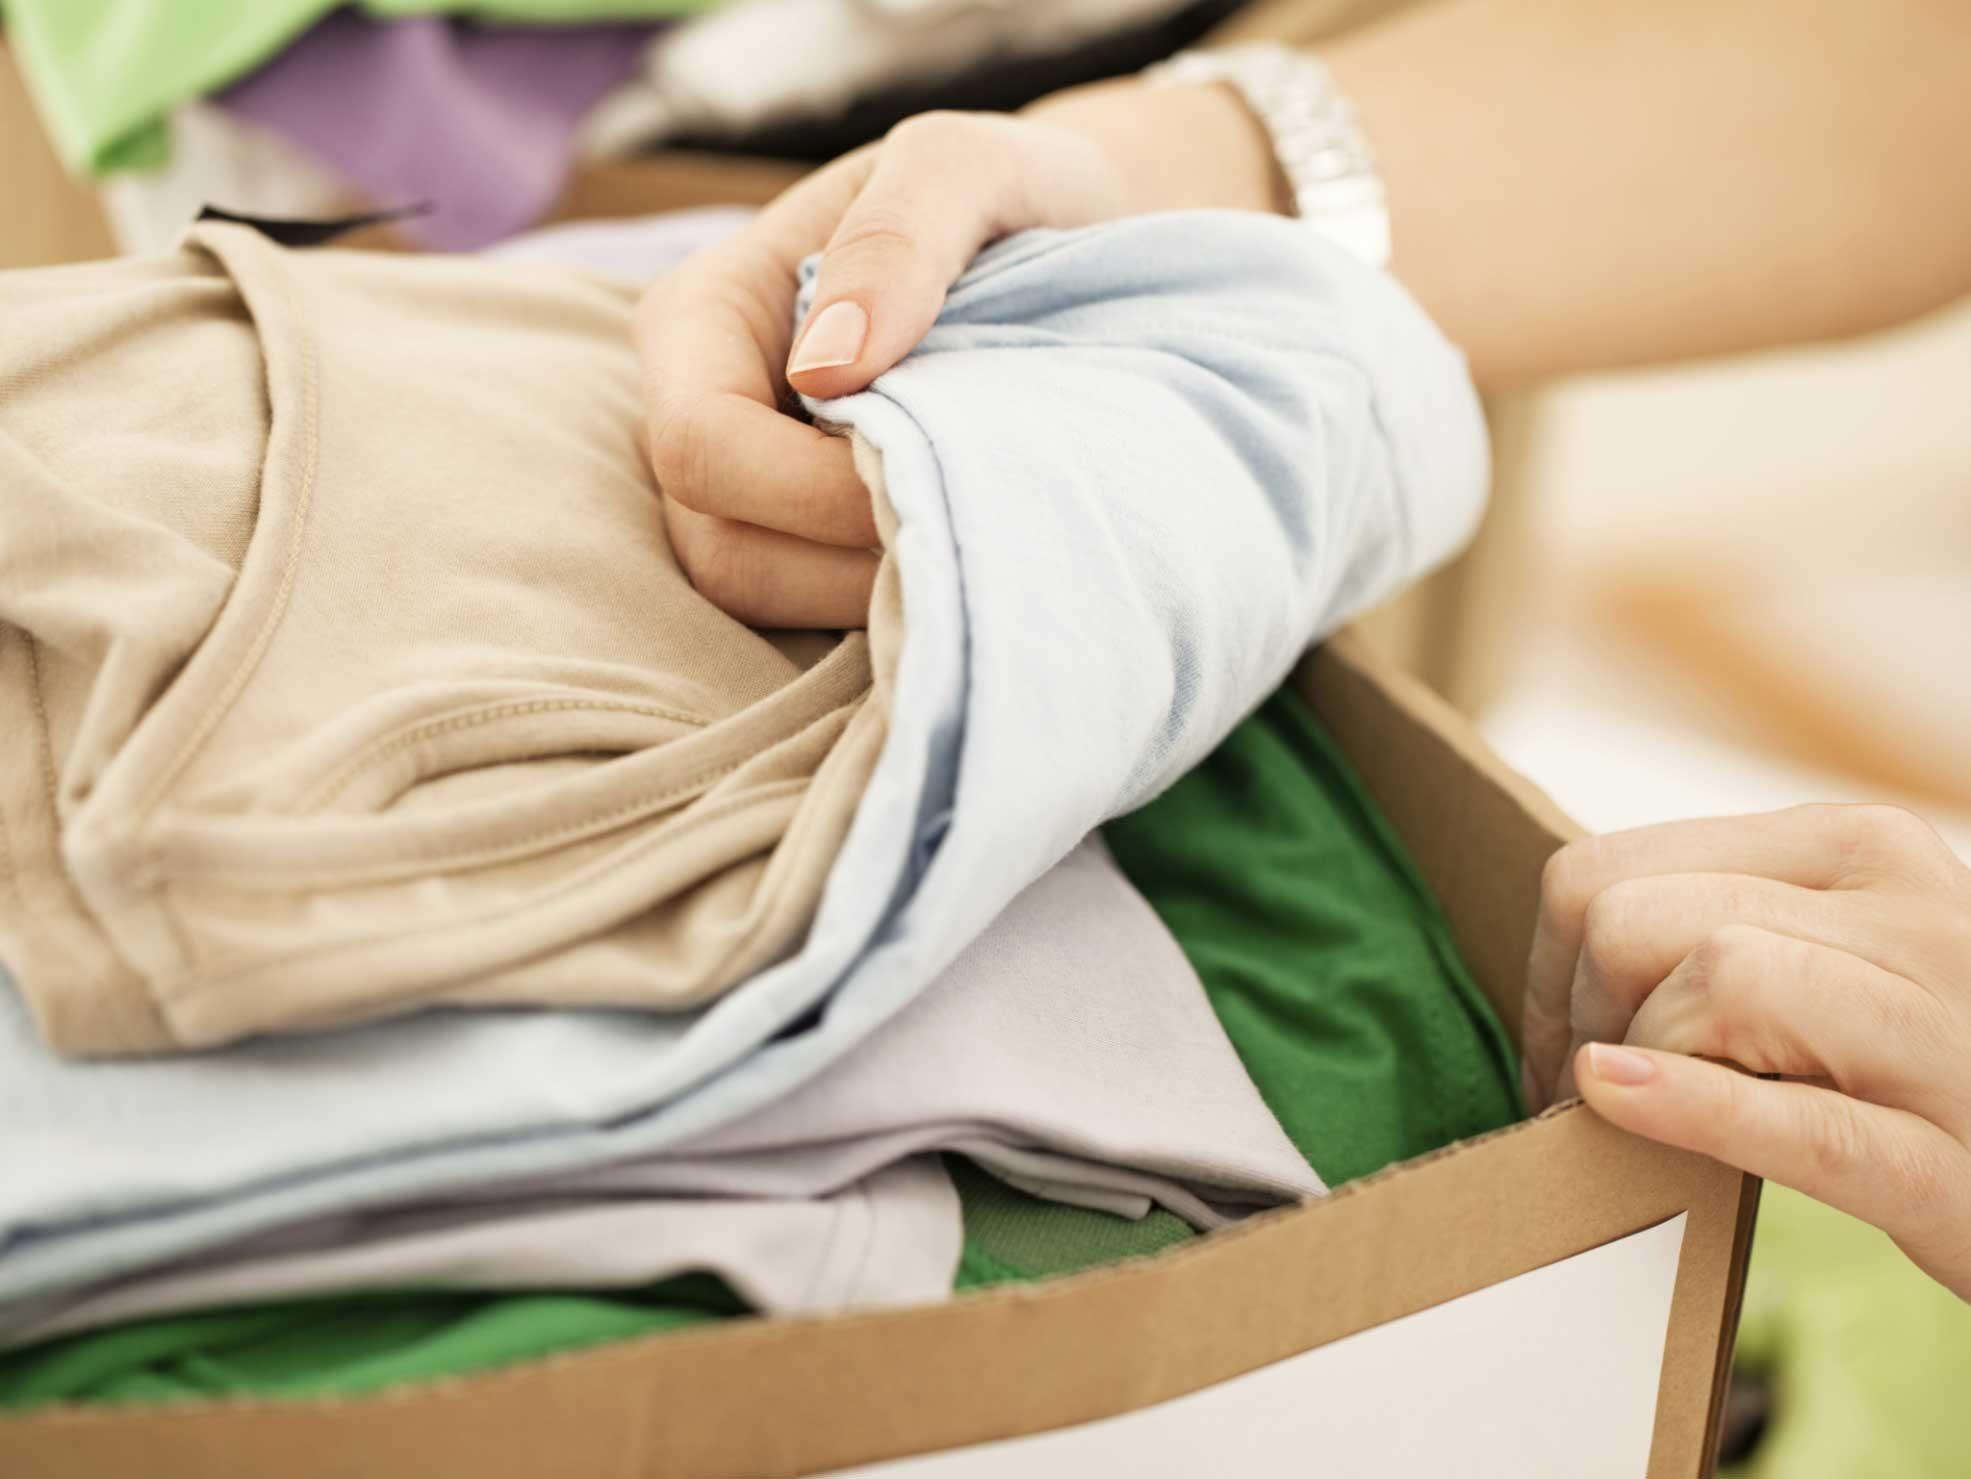 DO Prep Your Clothes